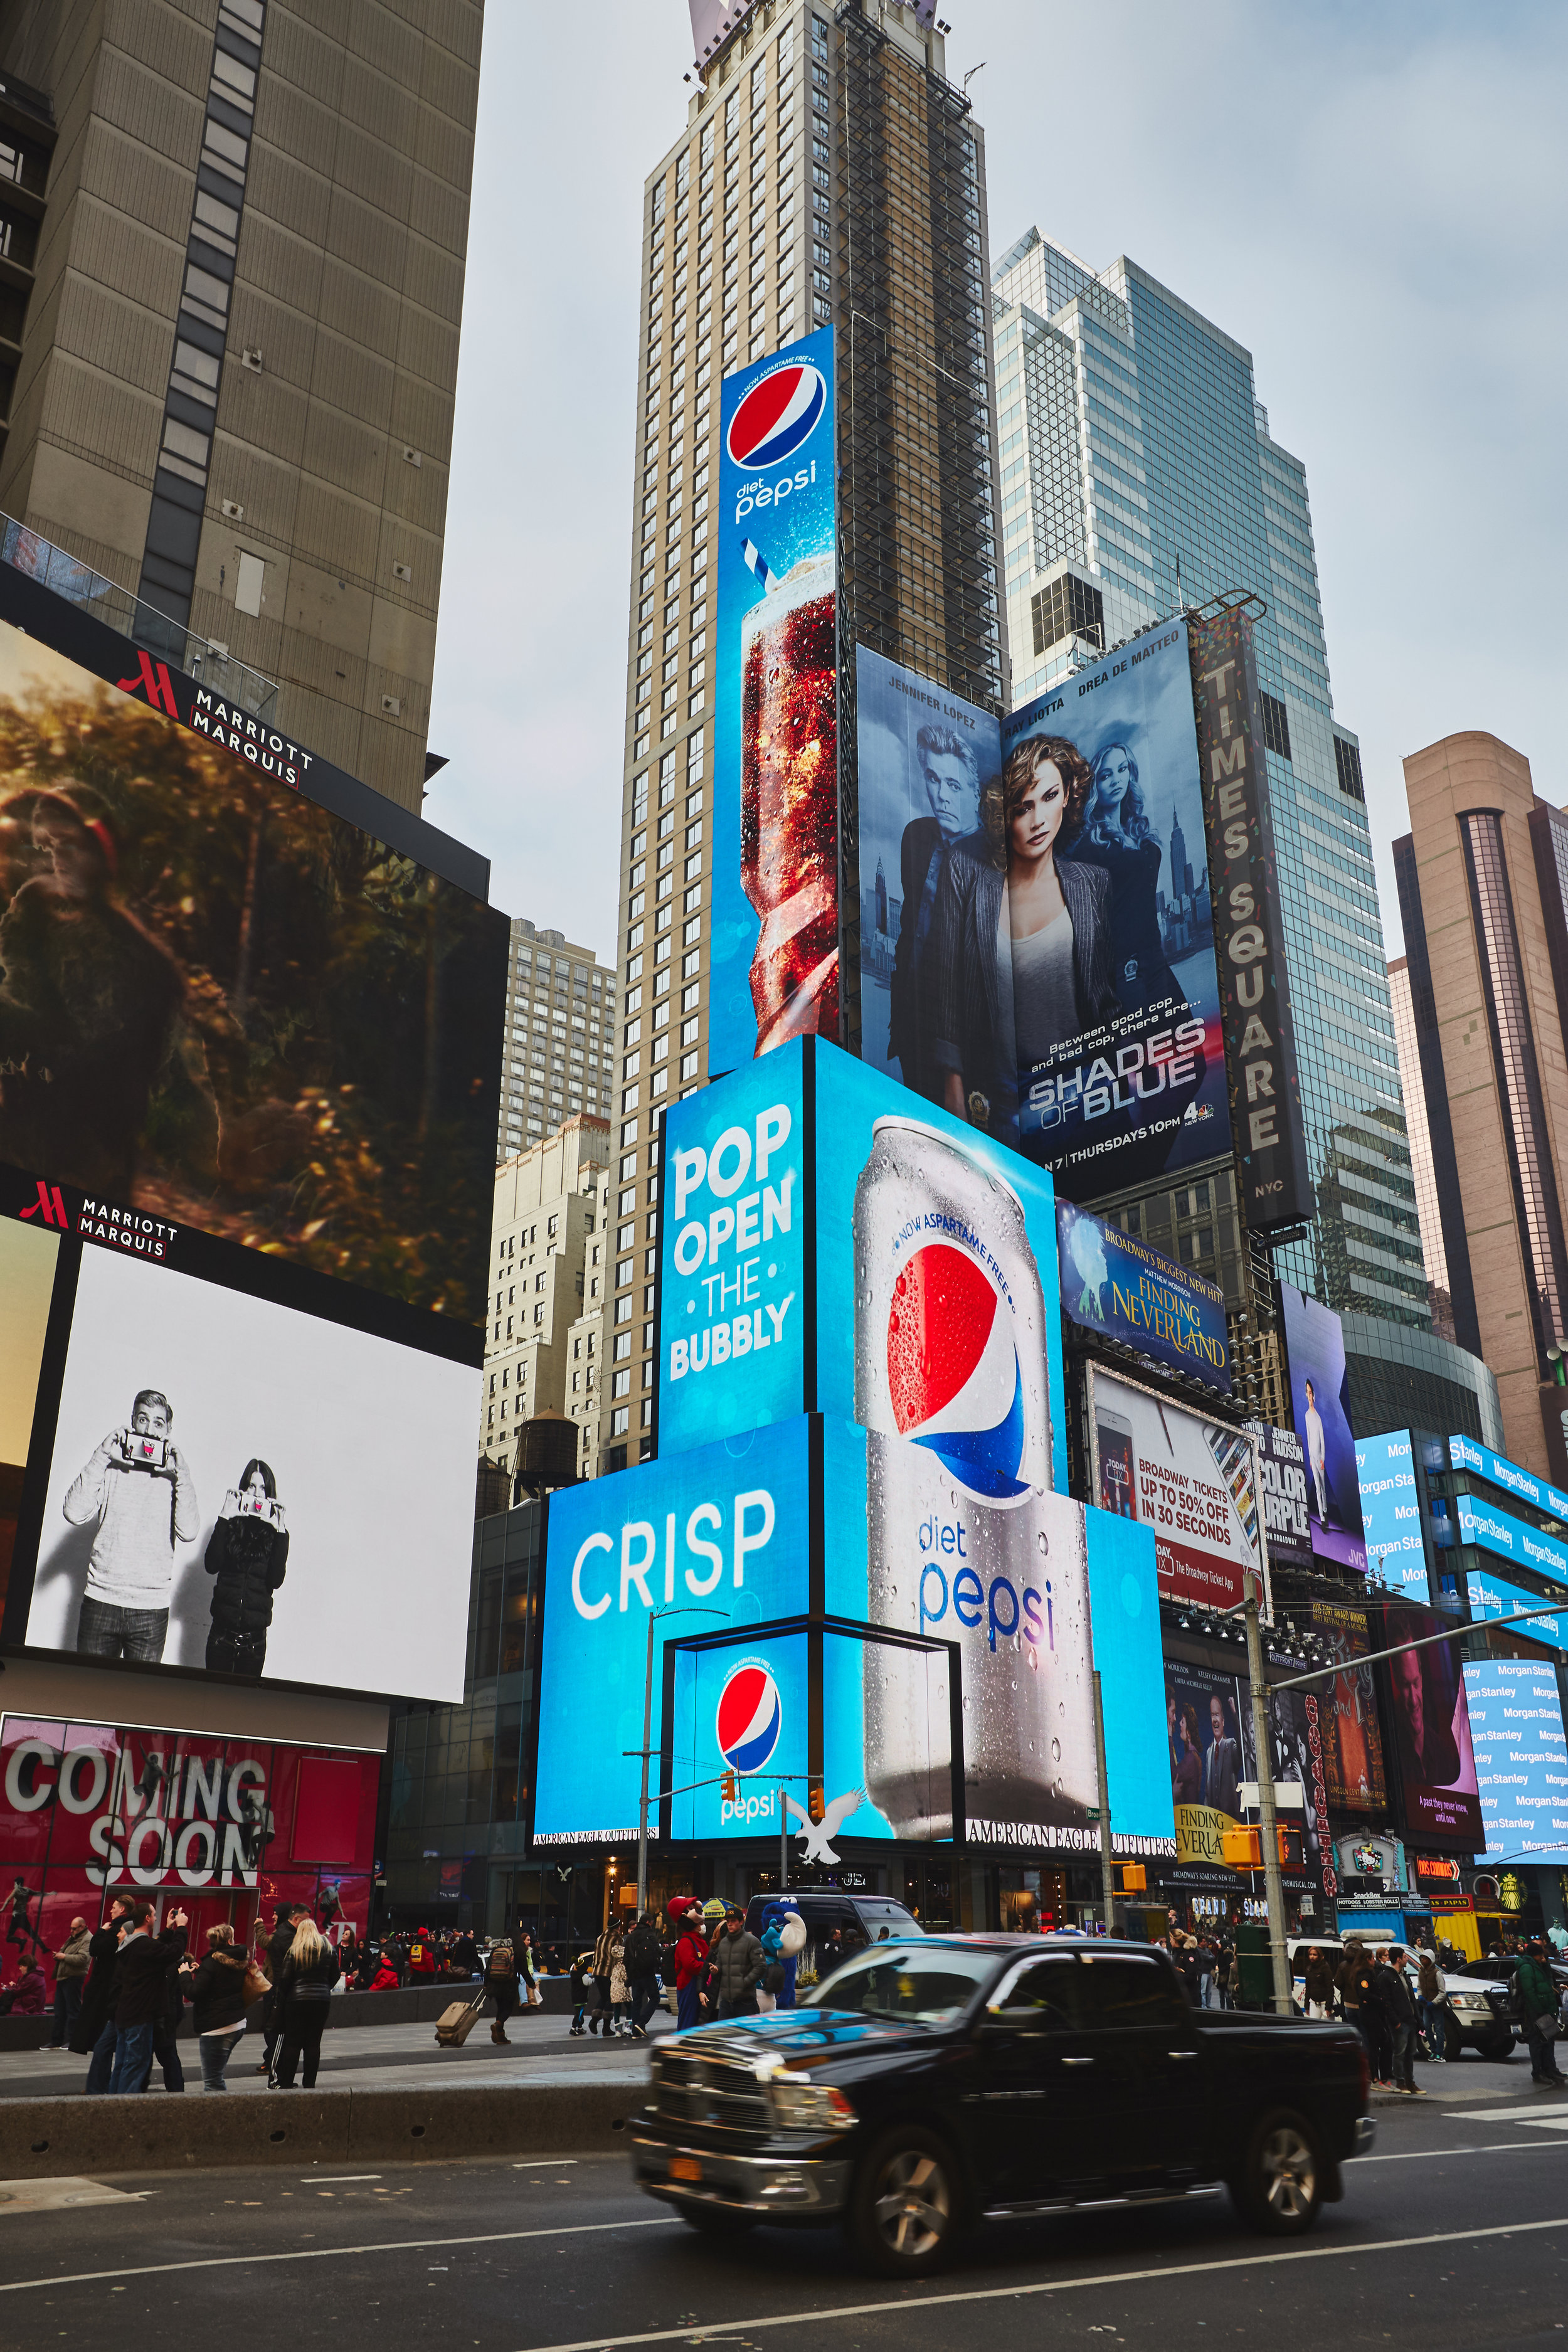 Diet_Pepsi_NYC_1.7.16_11499.jpg